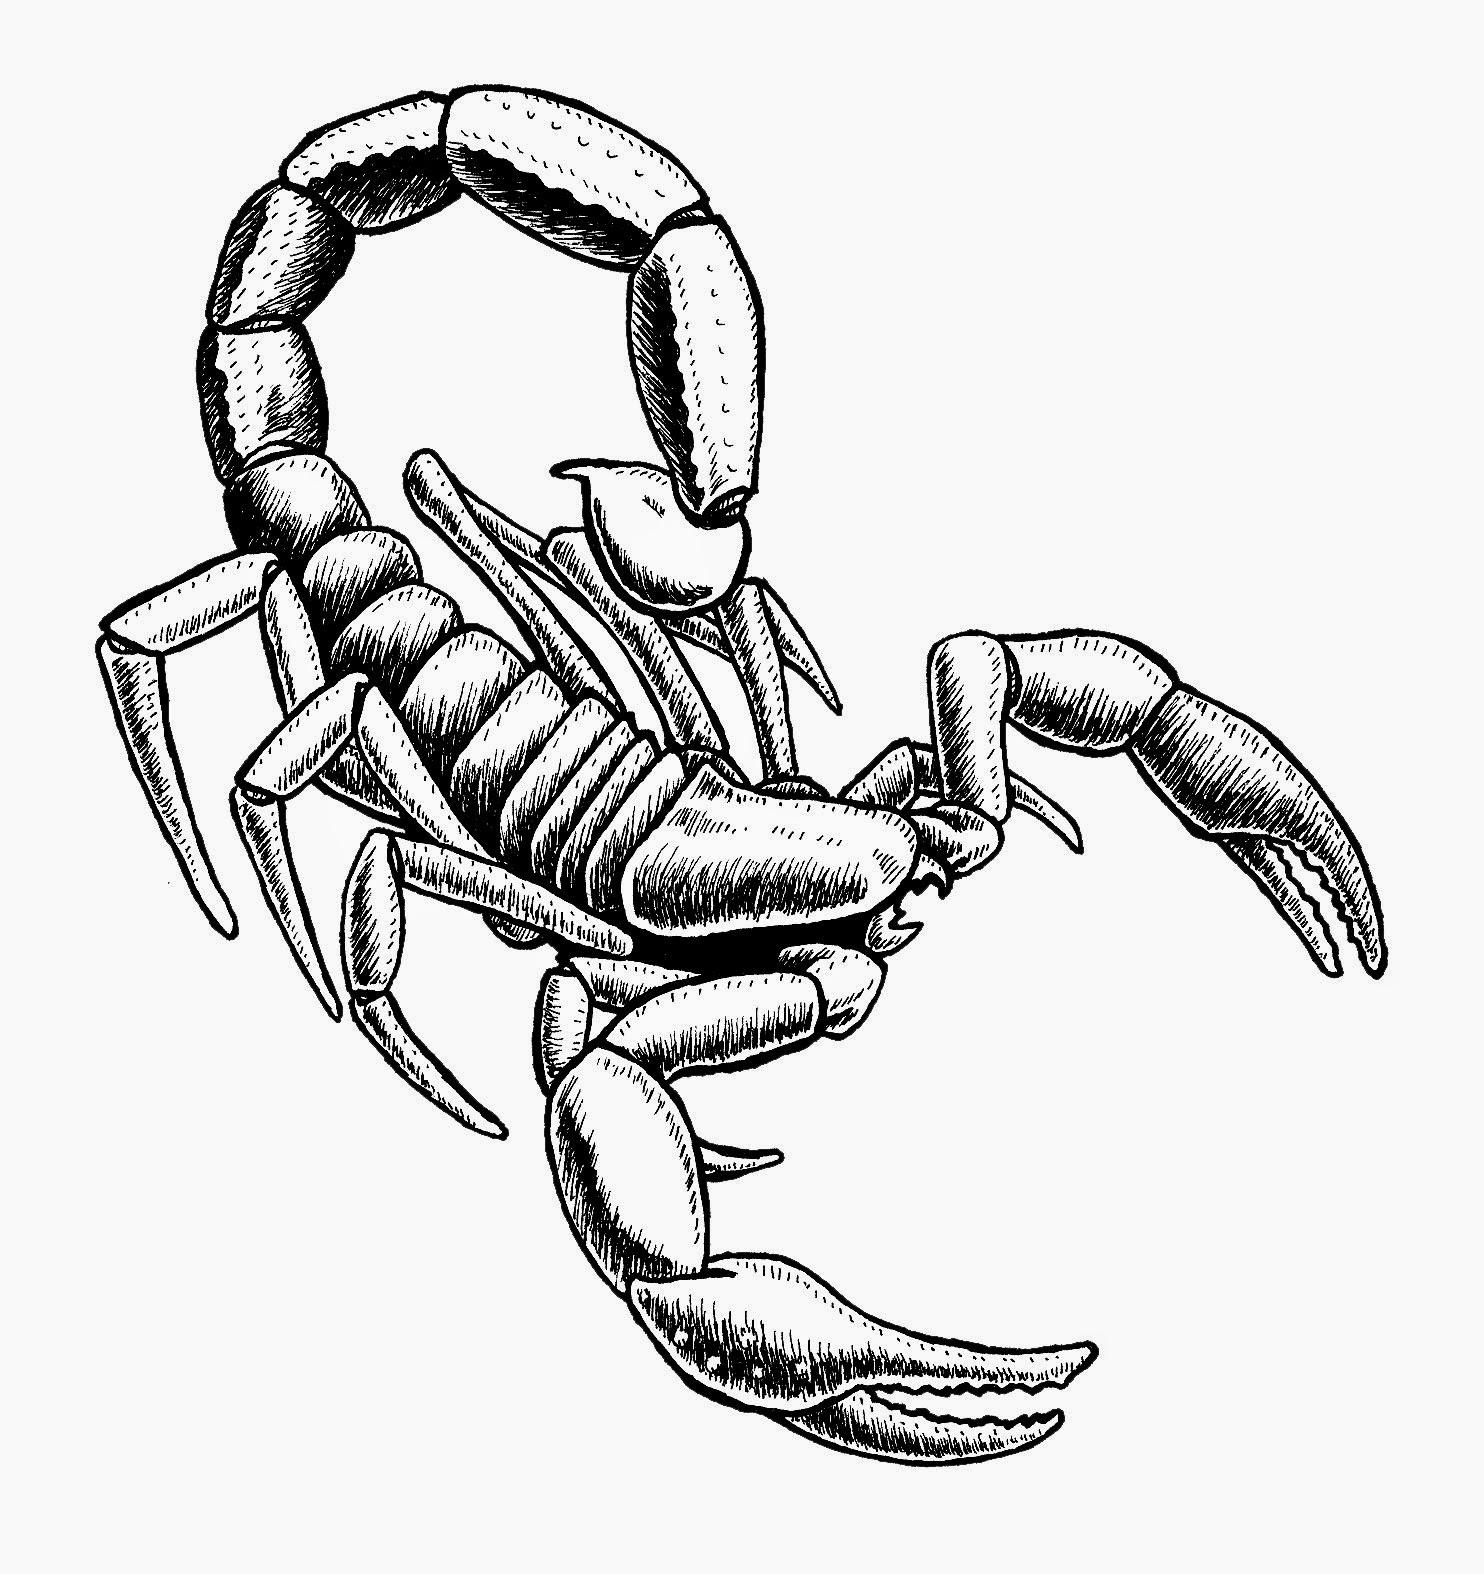 Изображения и рисунки скорпиона 4